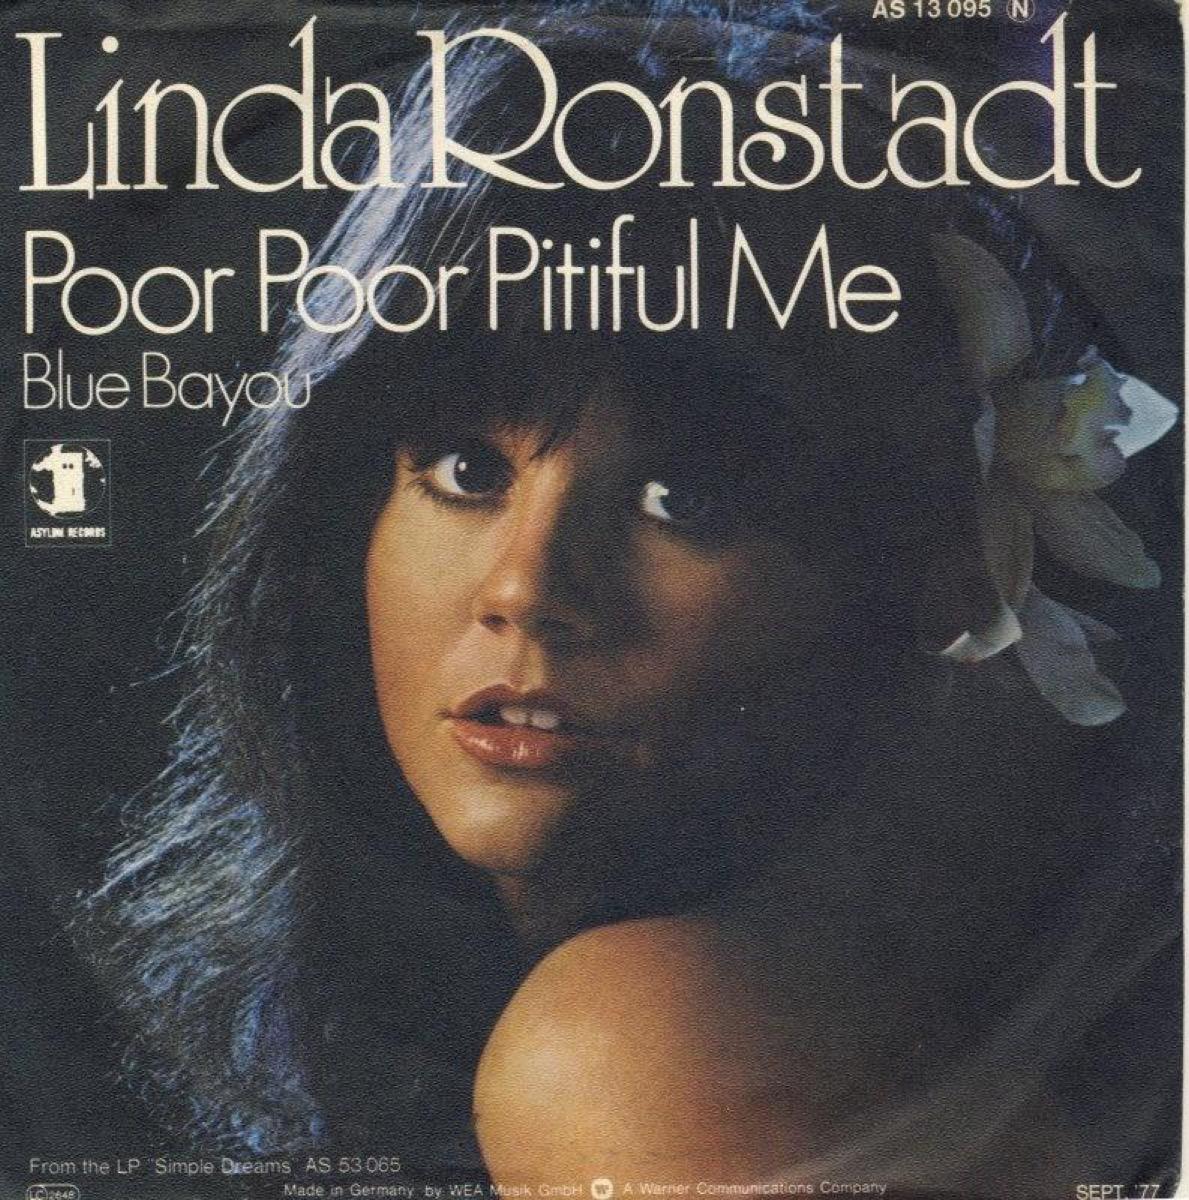 """Linda Ronstadt """"Poor Poor Pitiful Me"""" Album Cover"""